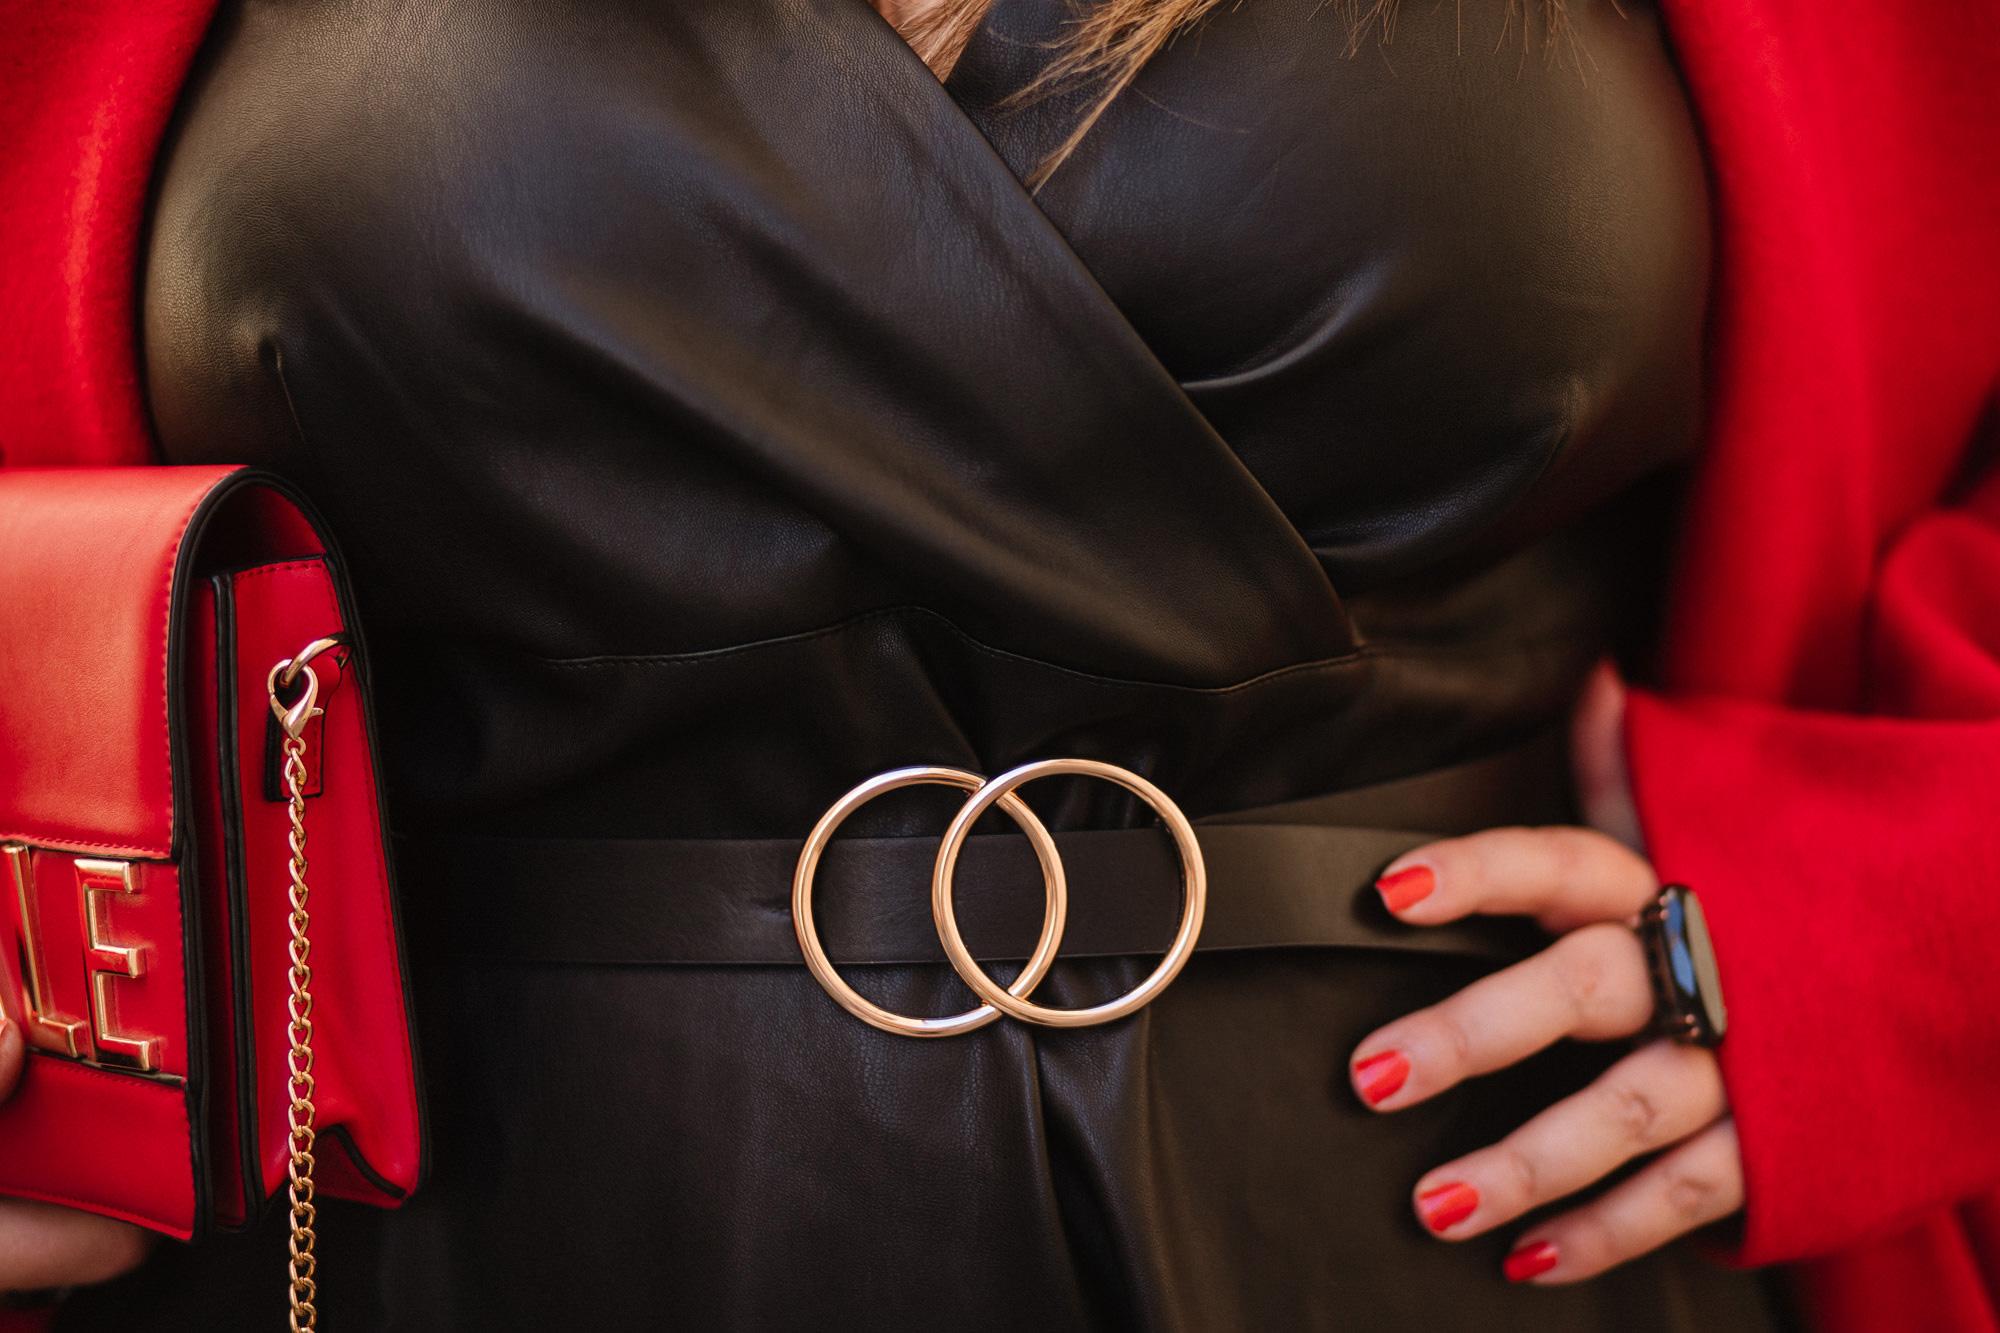 castaluna redoute grande taille plus size blogger mode grosse fat ronde manteau cuir